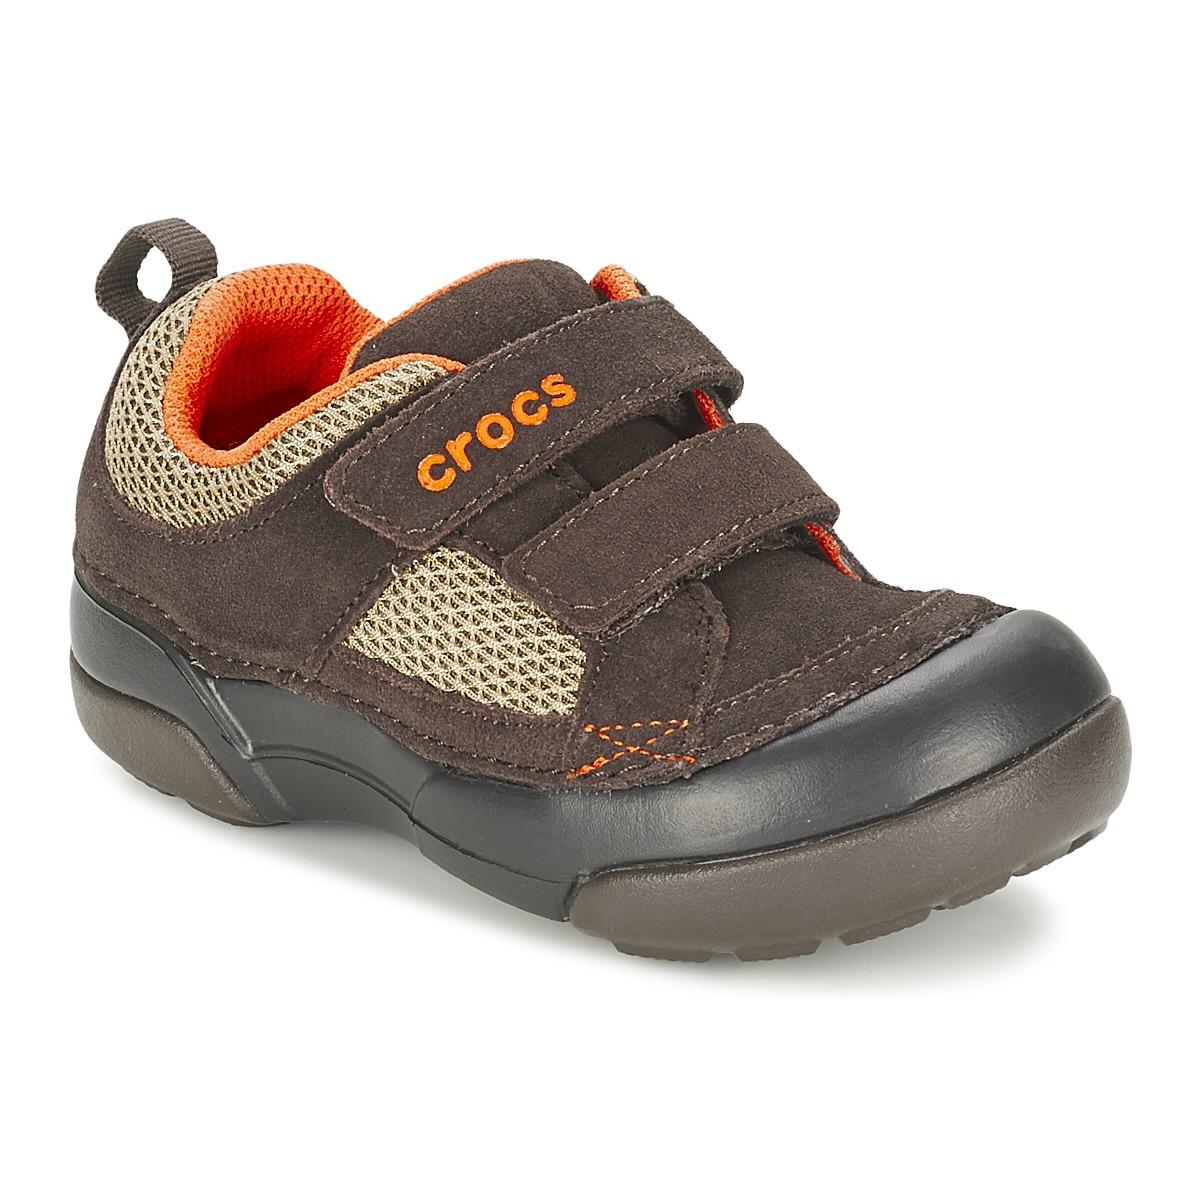 Crocs DAWSON HOOK & LOOP Marron